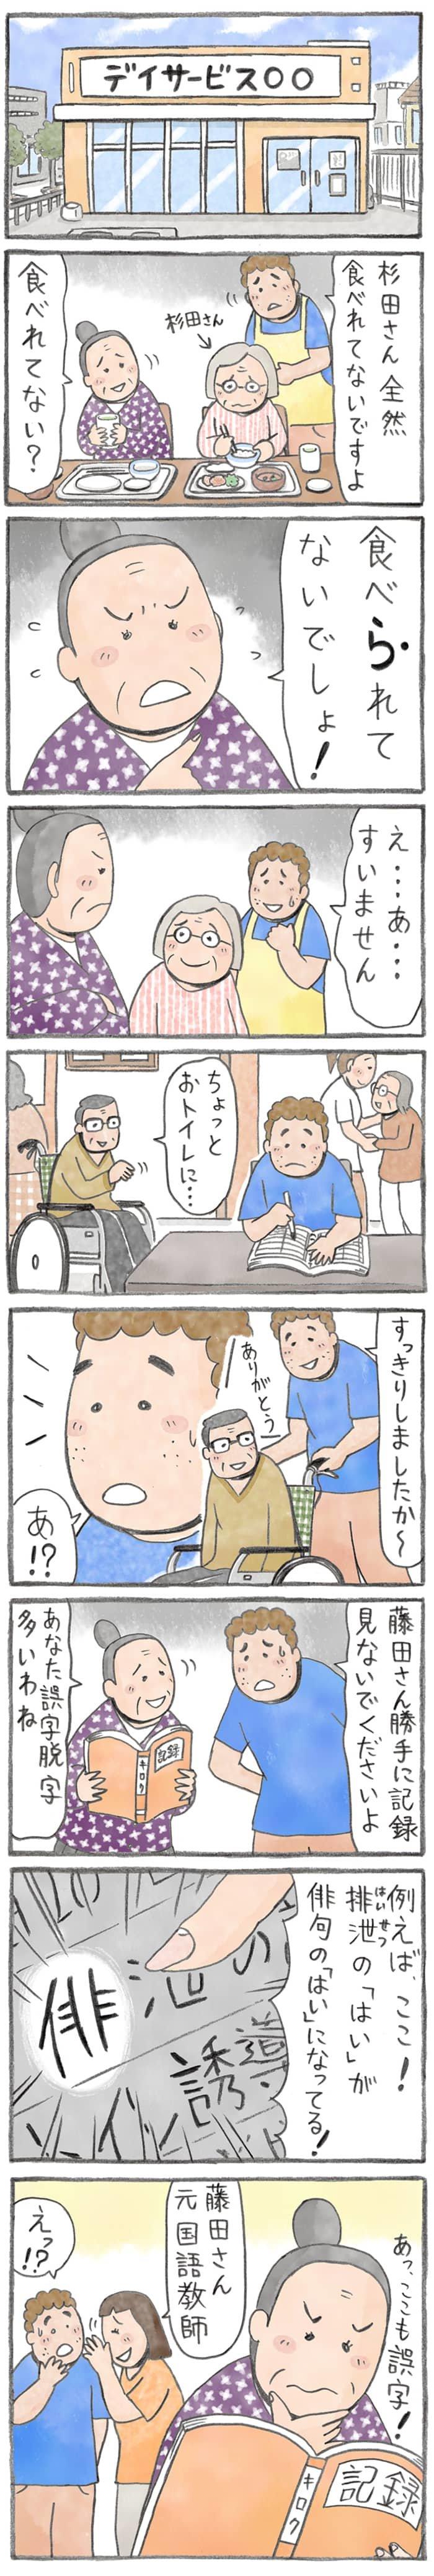 comictohoho_20200730_01.jpg